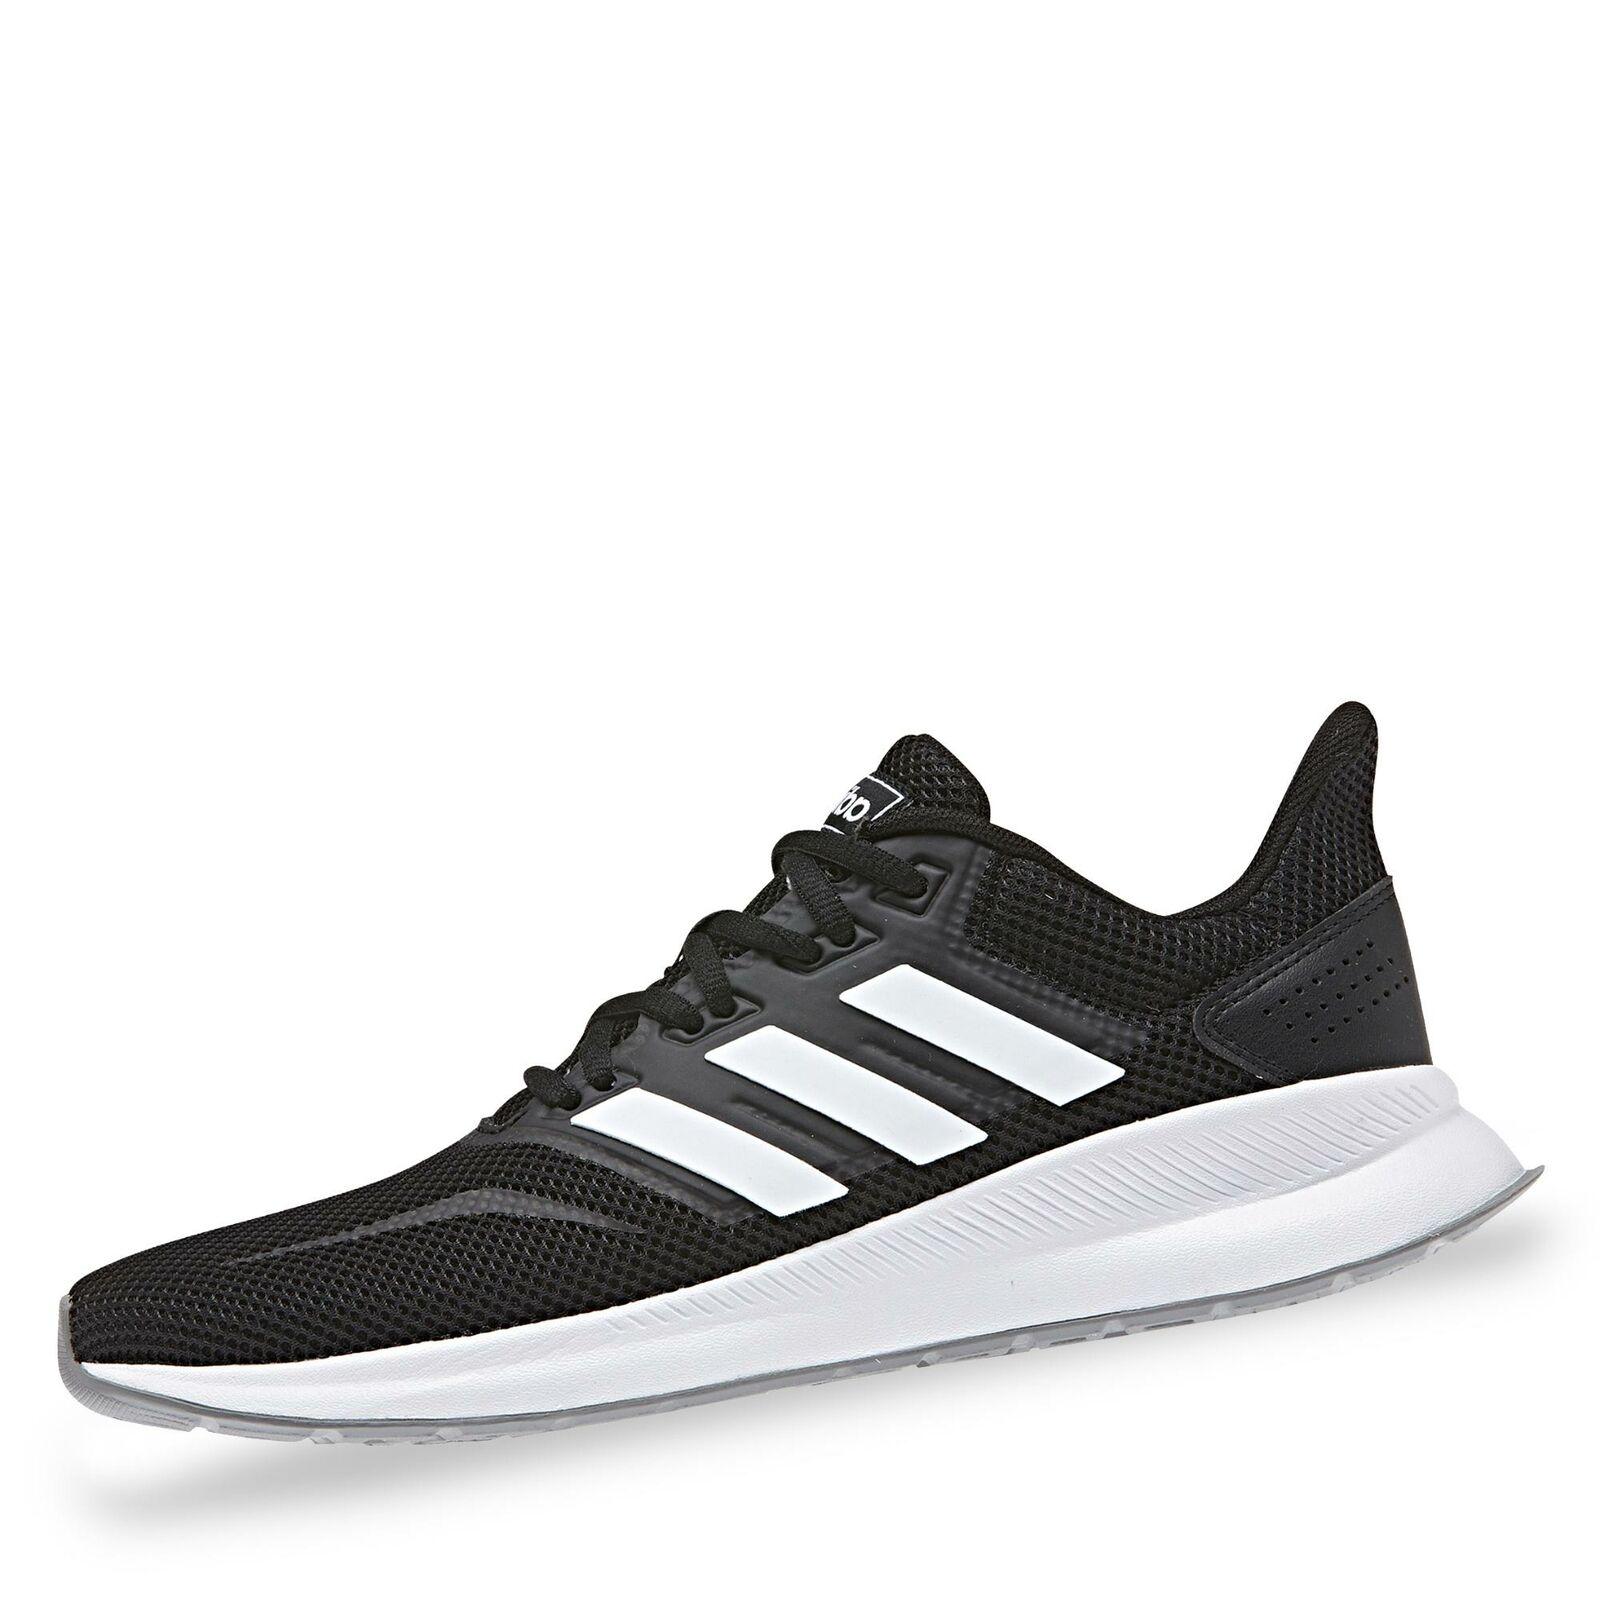 Adidas RunFalcon Herren Sportschuh Streetrunning Halbschuh Schnürer Schuhe